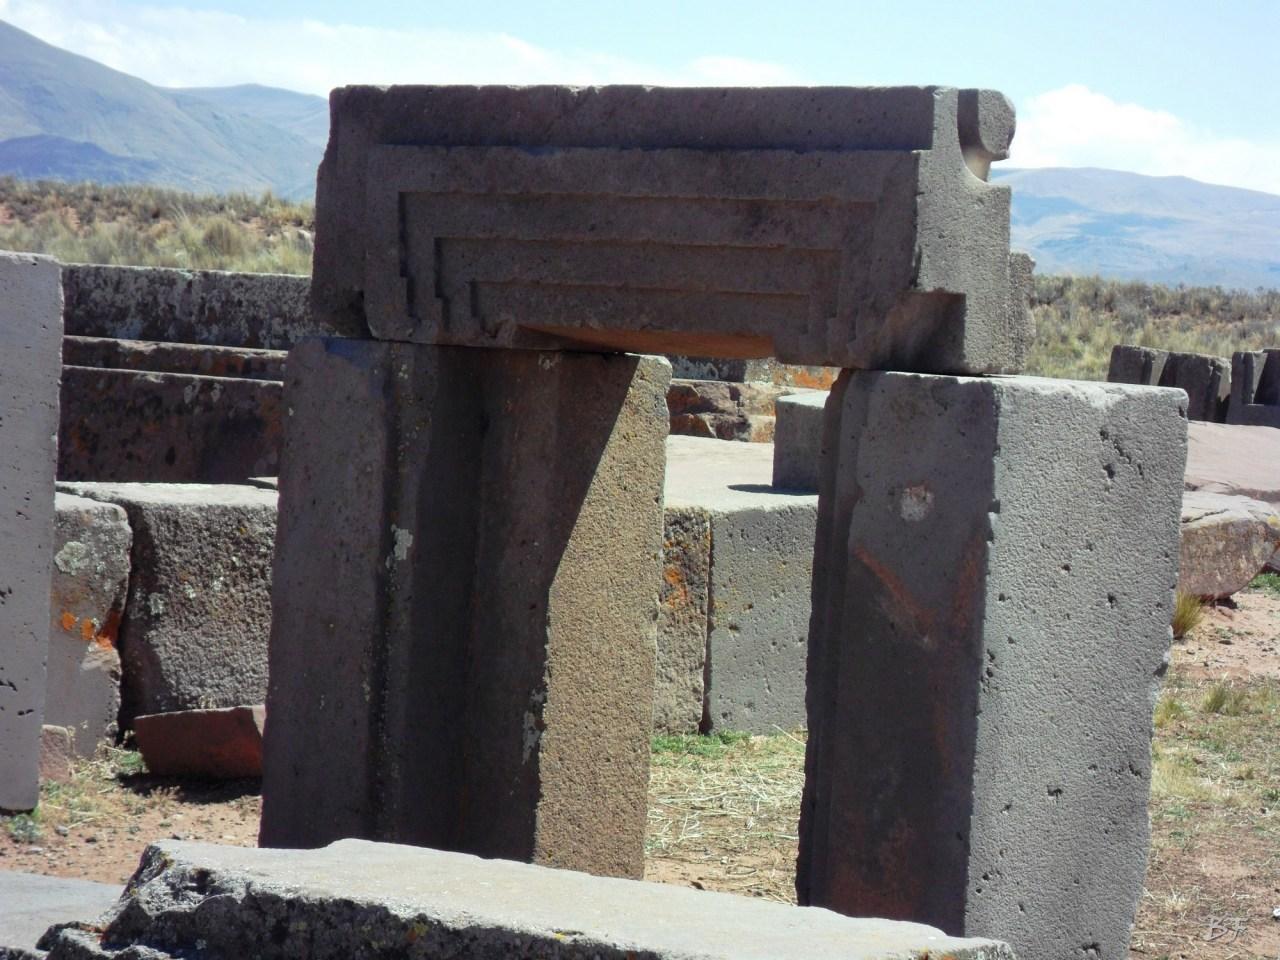 Puma-Punku-Area-Megalitica-Mura-Poligonali-Megaliti-Tiwanaku-Tiahuanaco-Bolivia-69